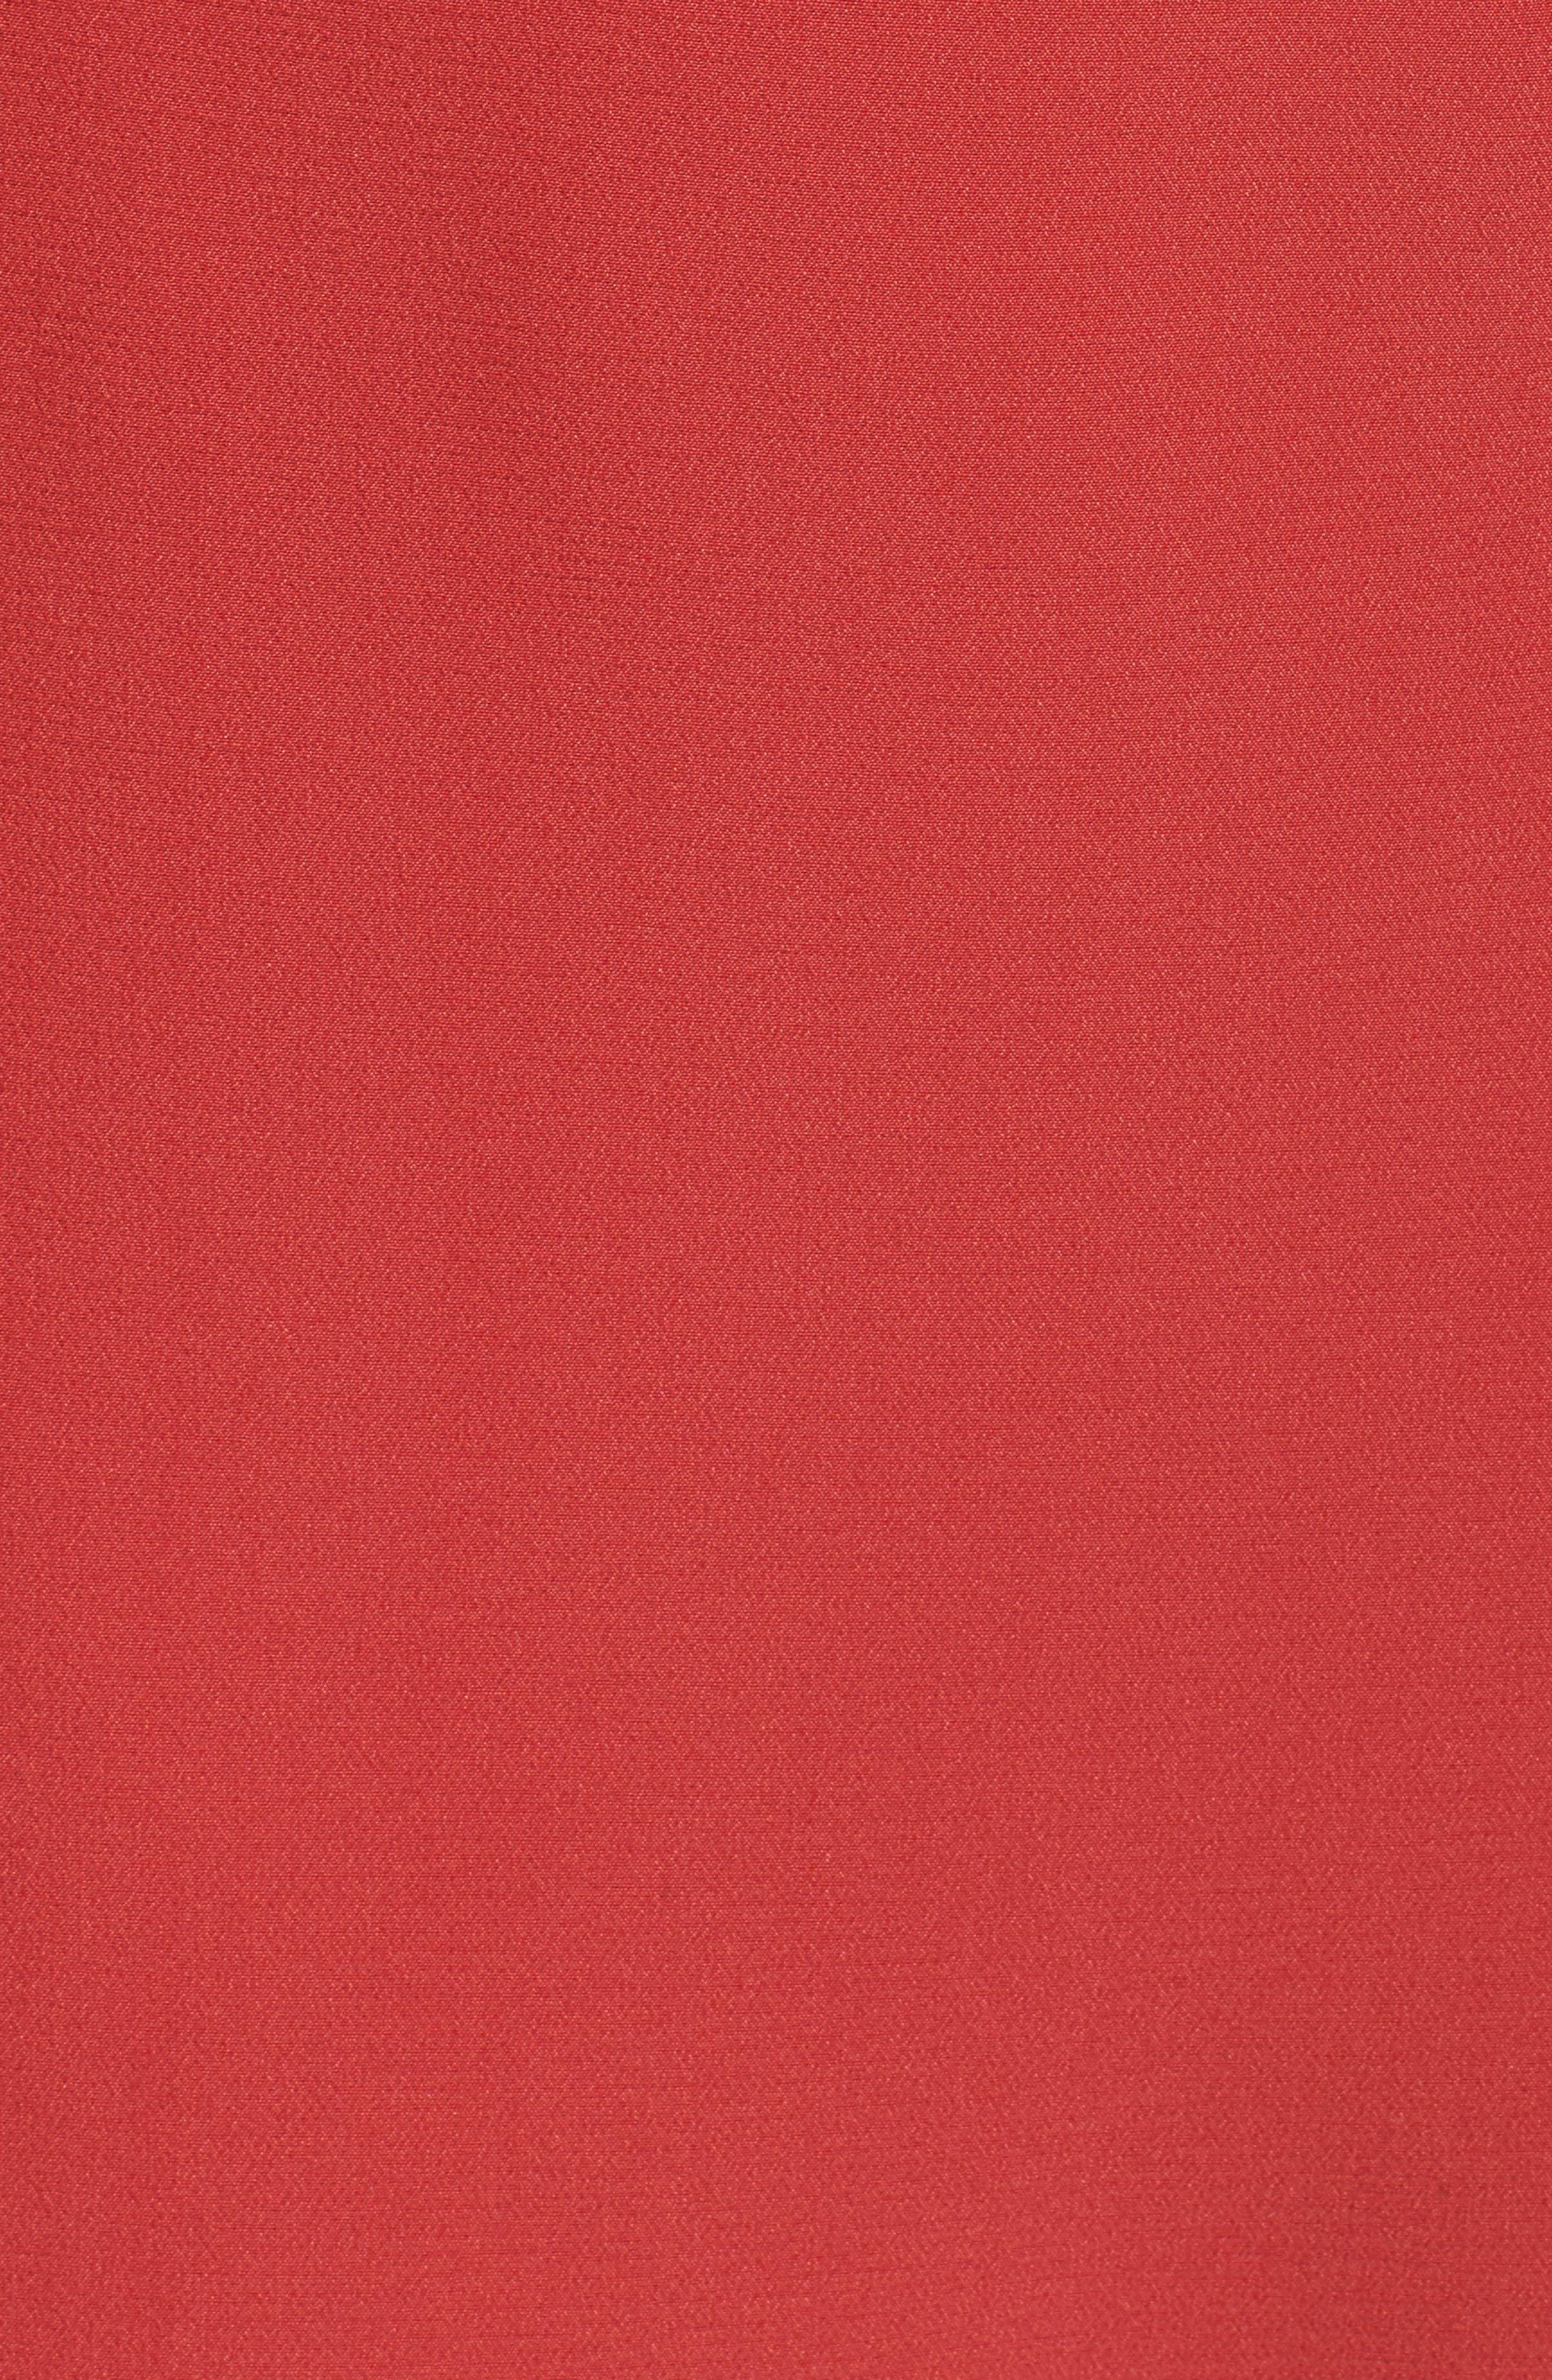 Infinite Strapless Dress,                             Alternate thumbnail 5, color,                             Rust